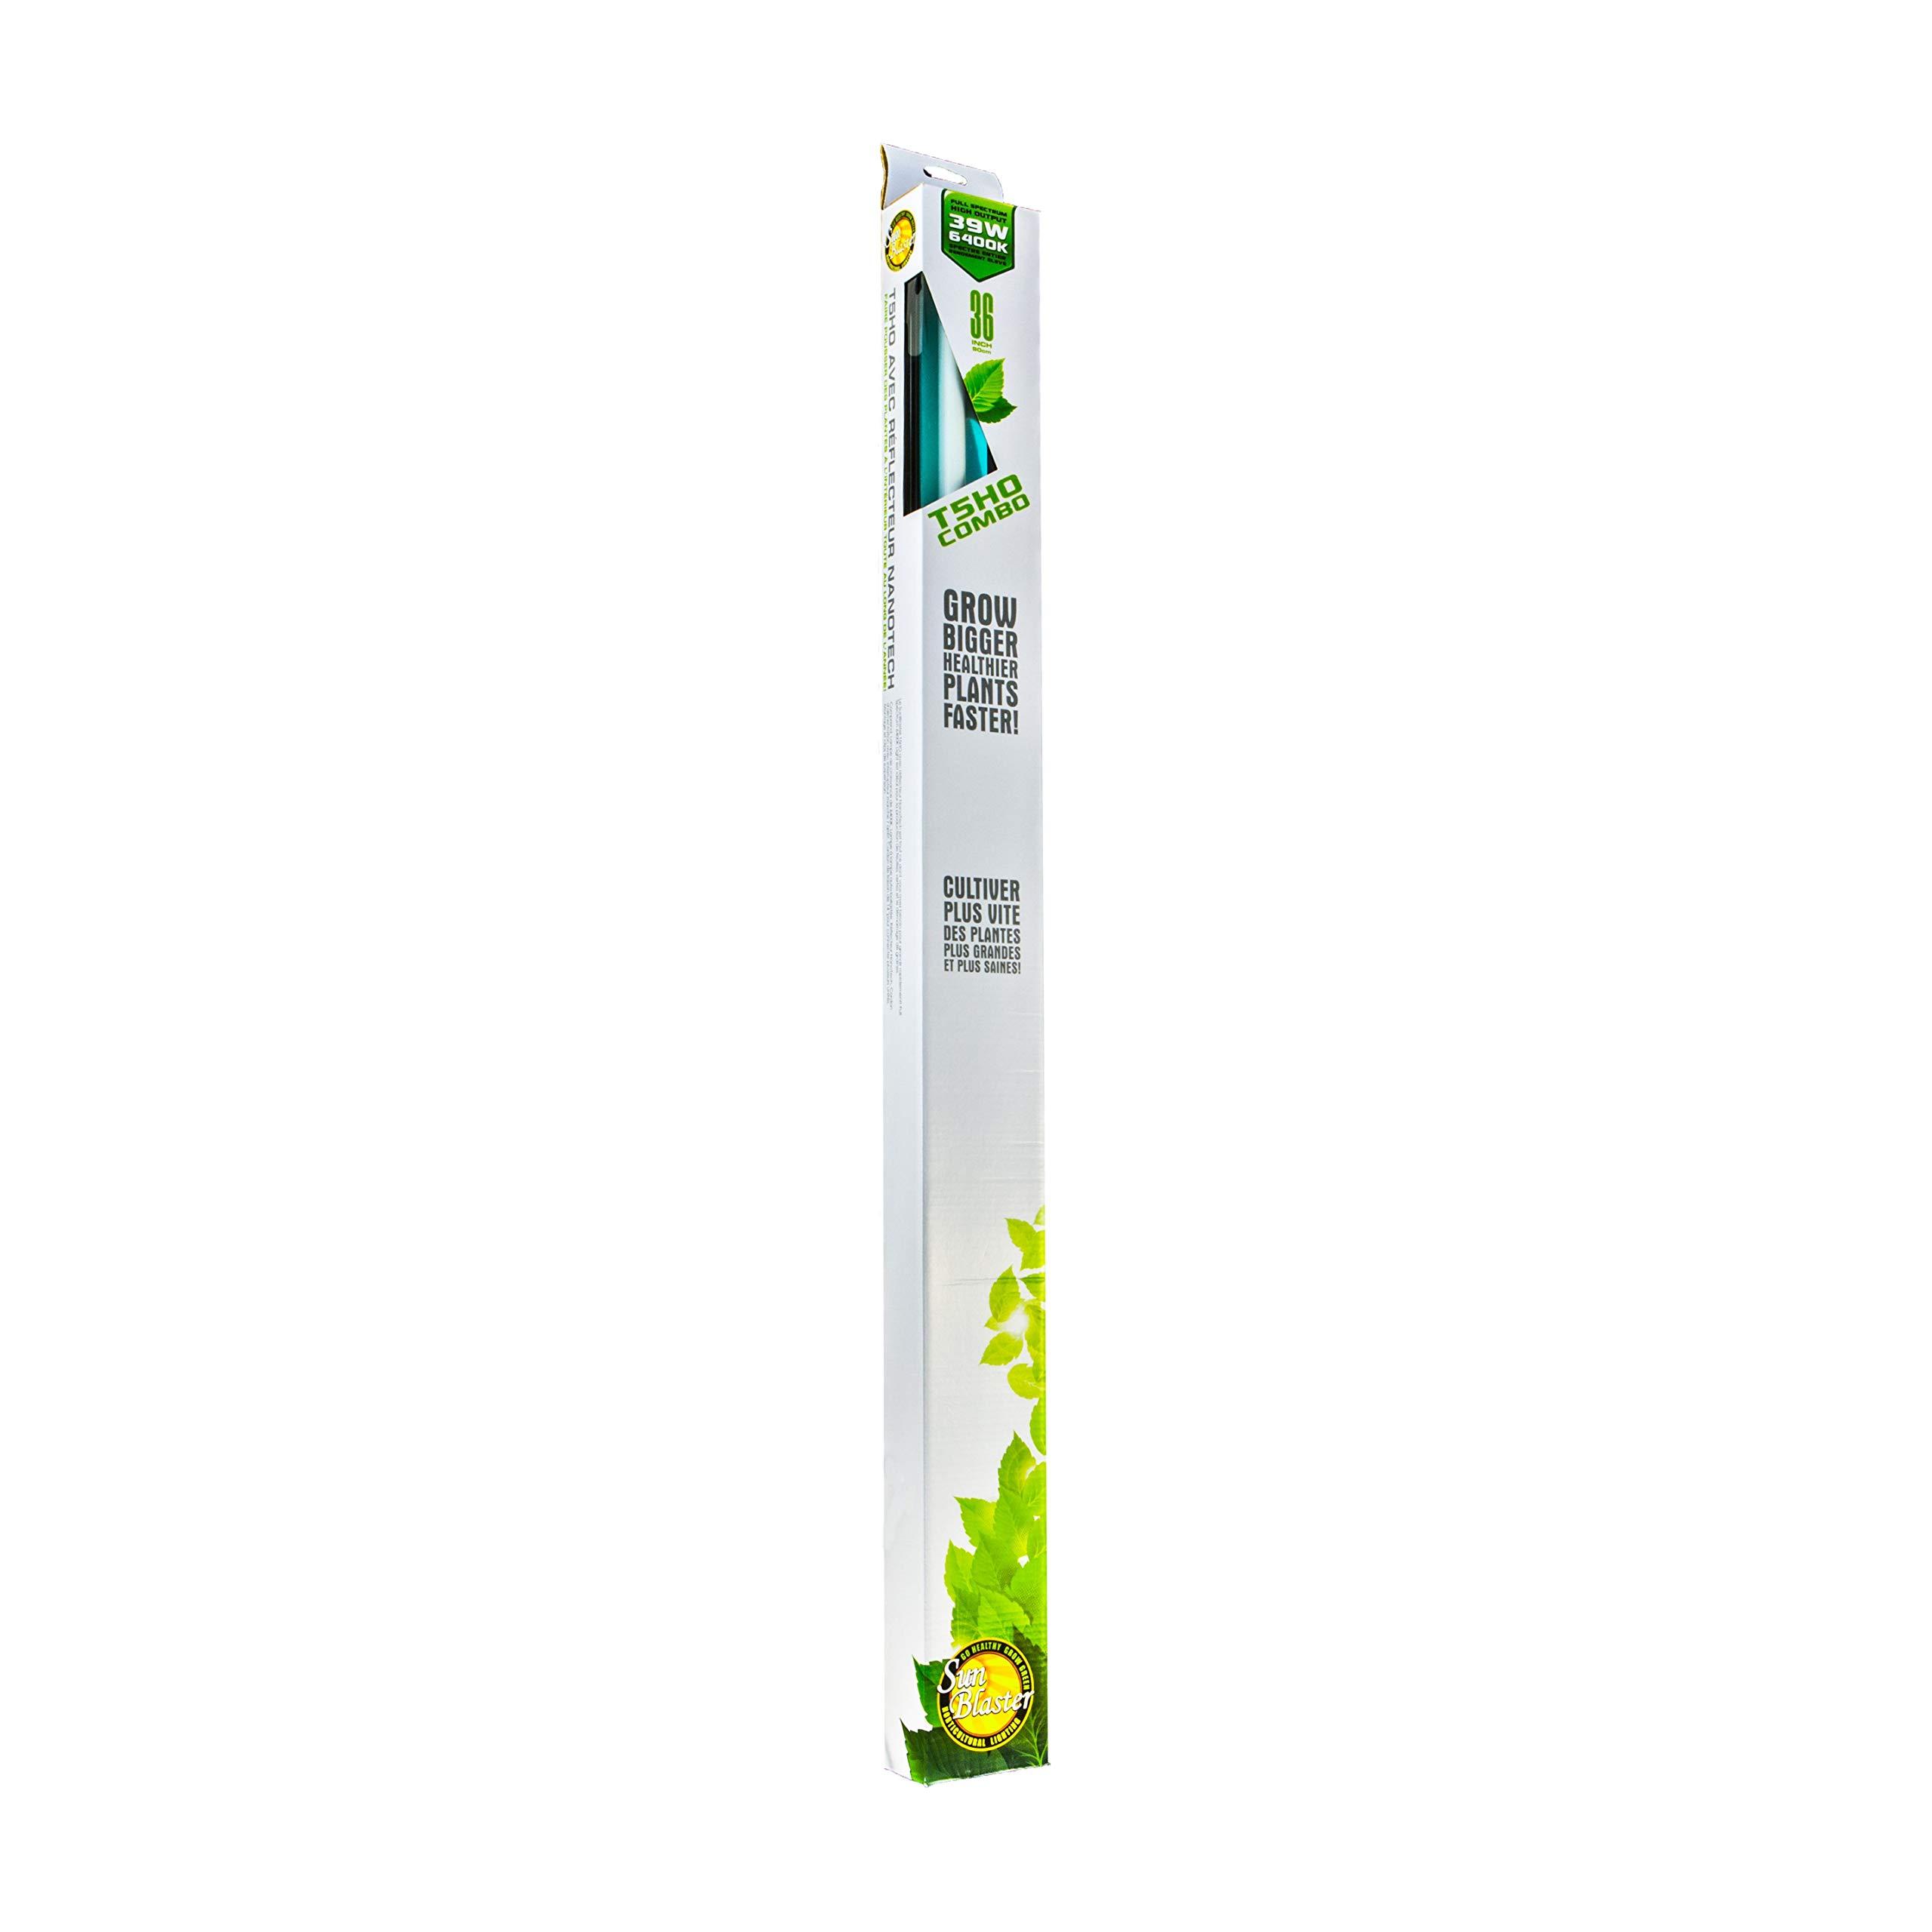 Sunblaster 904297 NanoTech T5 High Output Fixture Reflector Combo, 3-Feet by SunBlaster